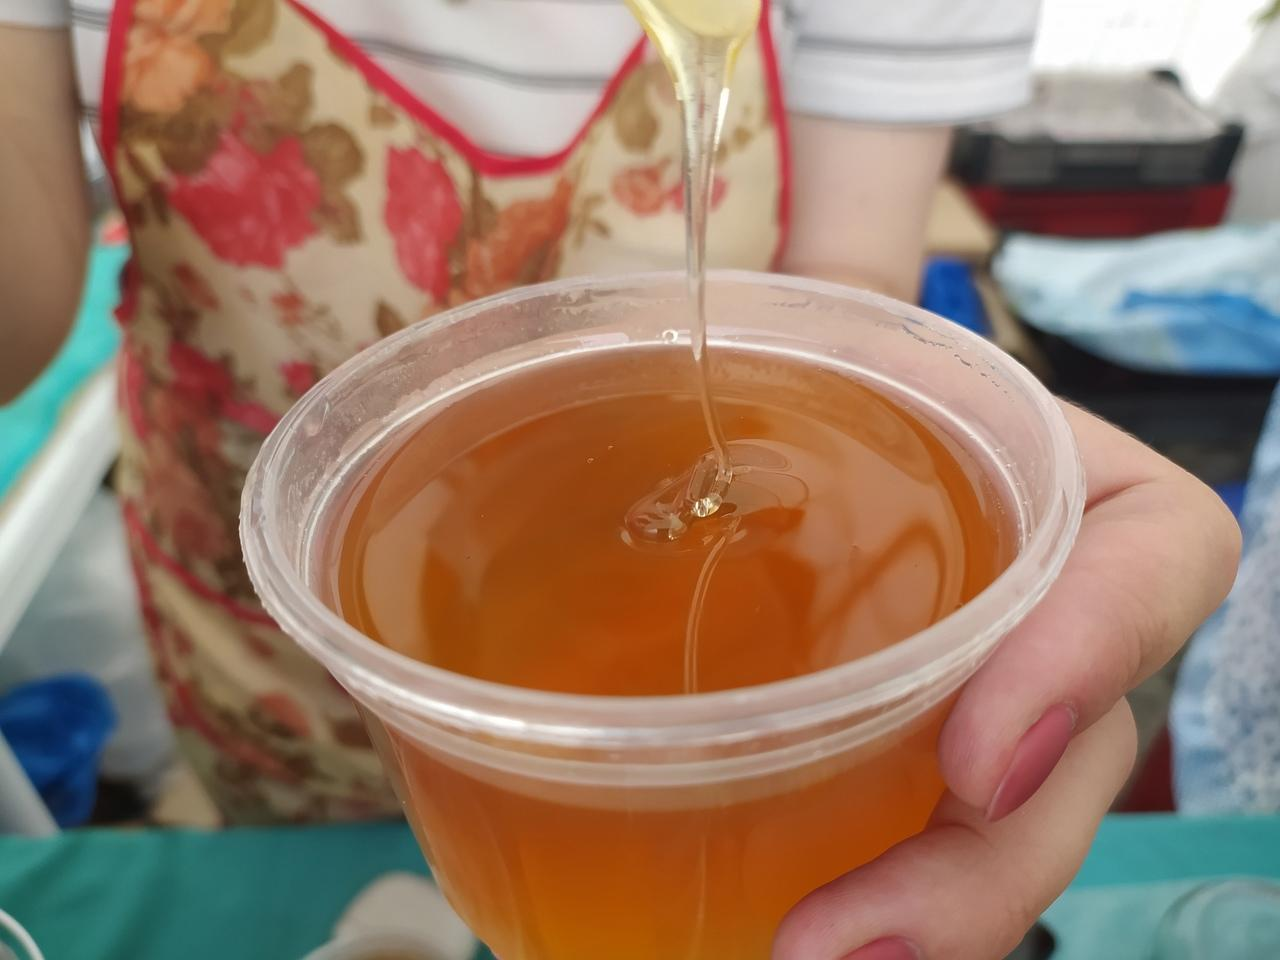 Фото Лизнуть и поставить на весы: в Новосибирске пасечники раскрыли секреты настоящего мёда 3